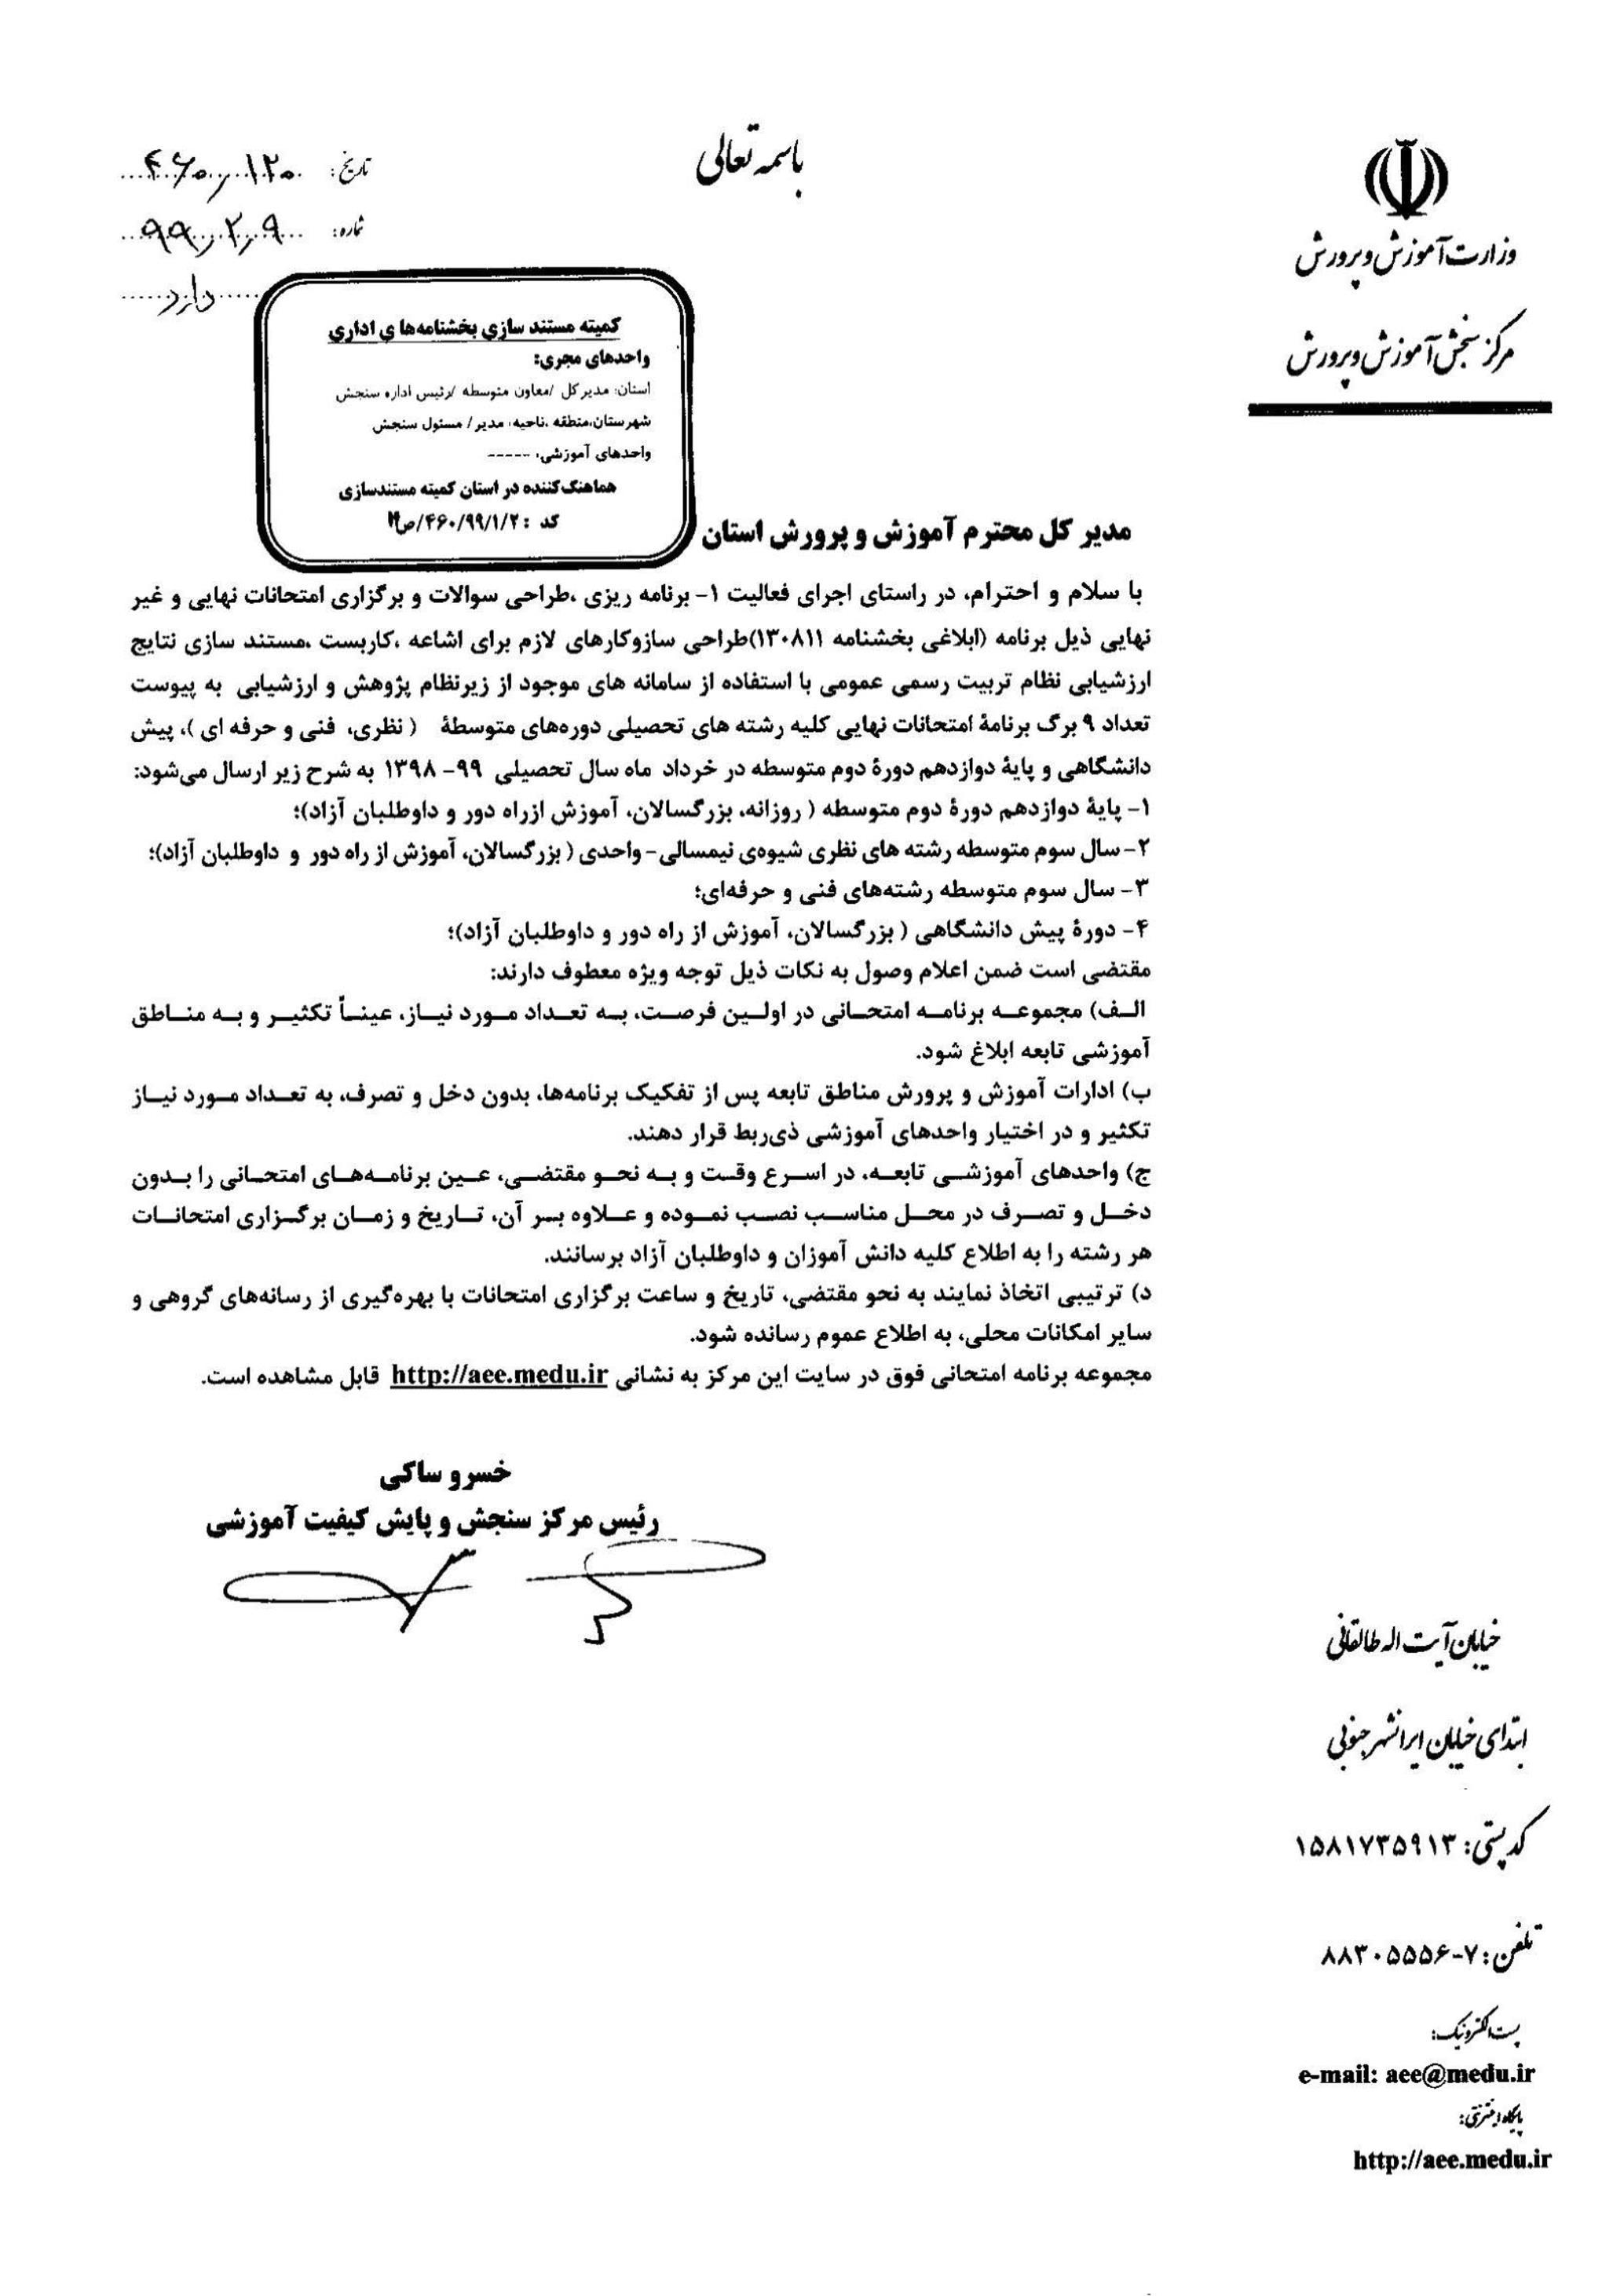 برنامه امتحانات نهایی - خرداد 99 (PDF)